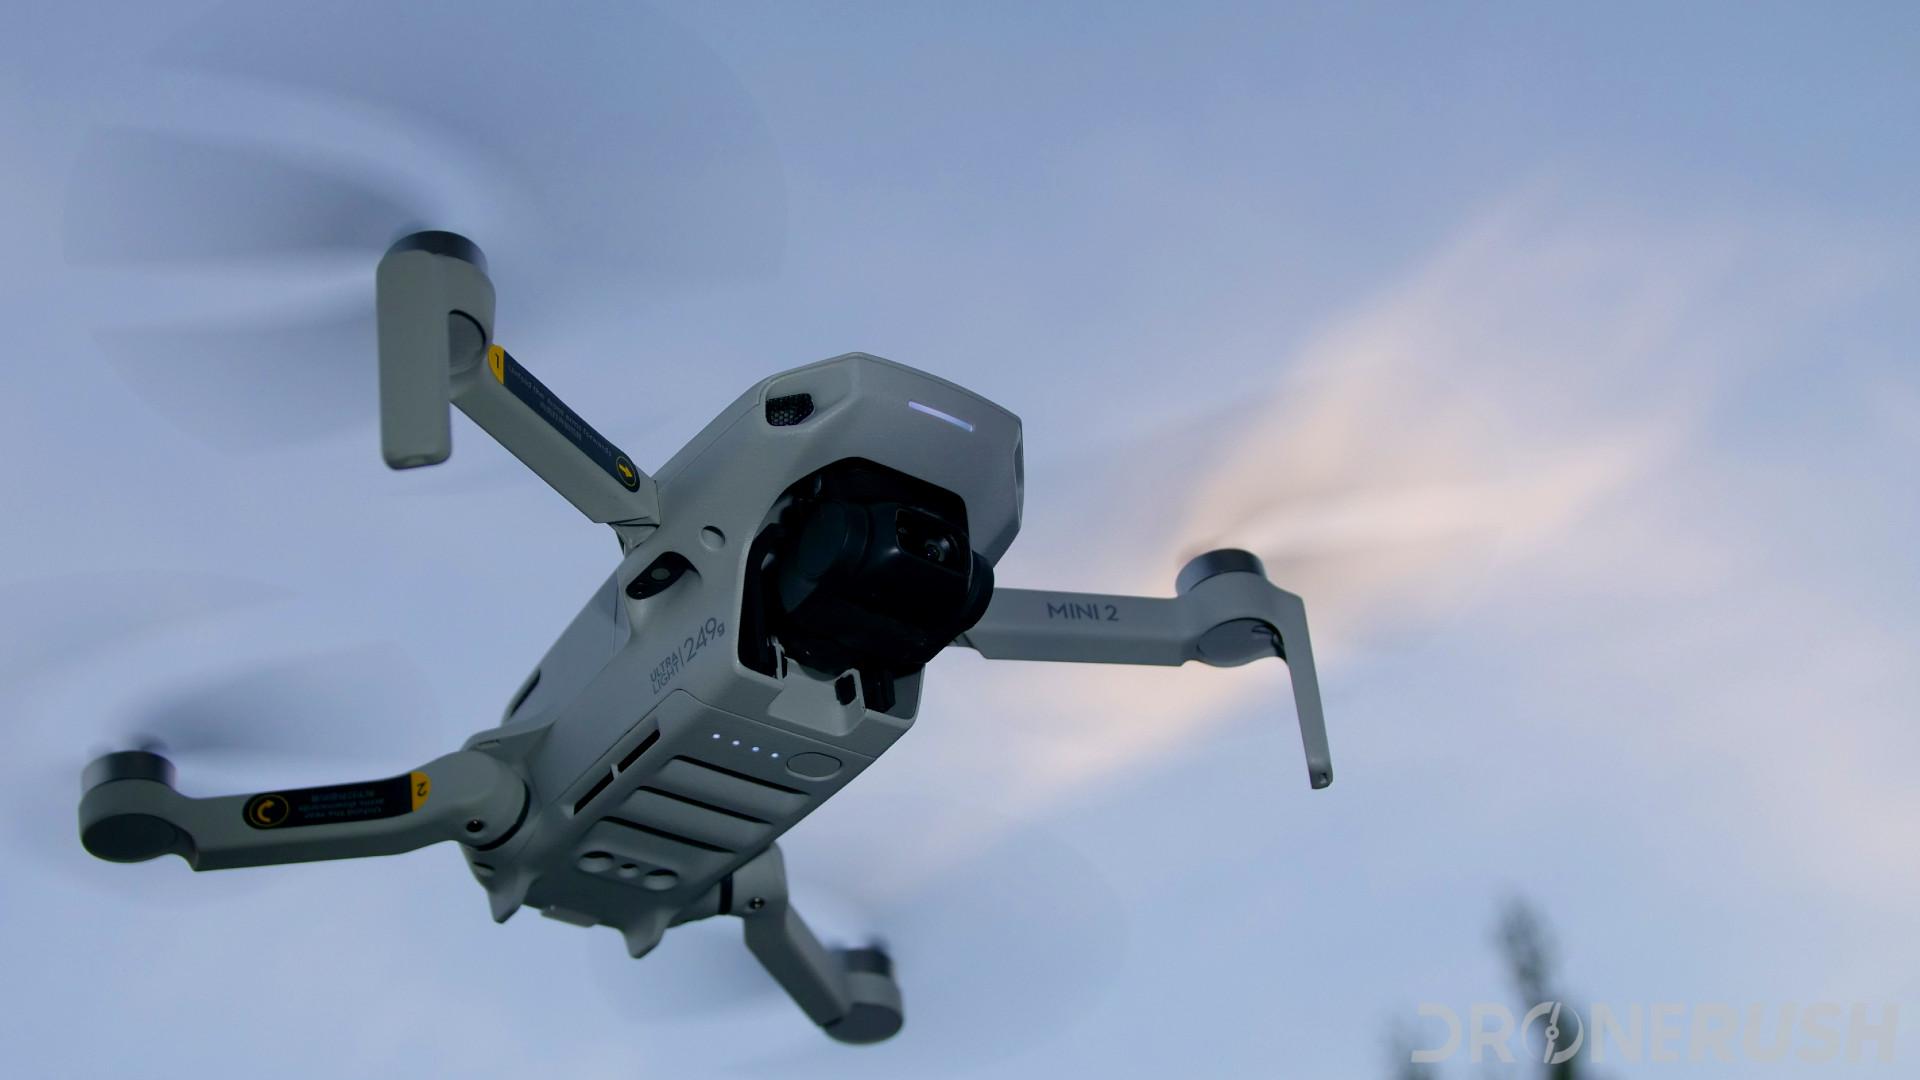 DJI Mini 2 flying bottom angle sky